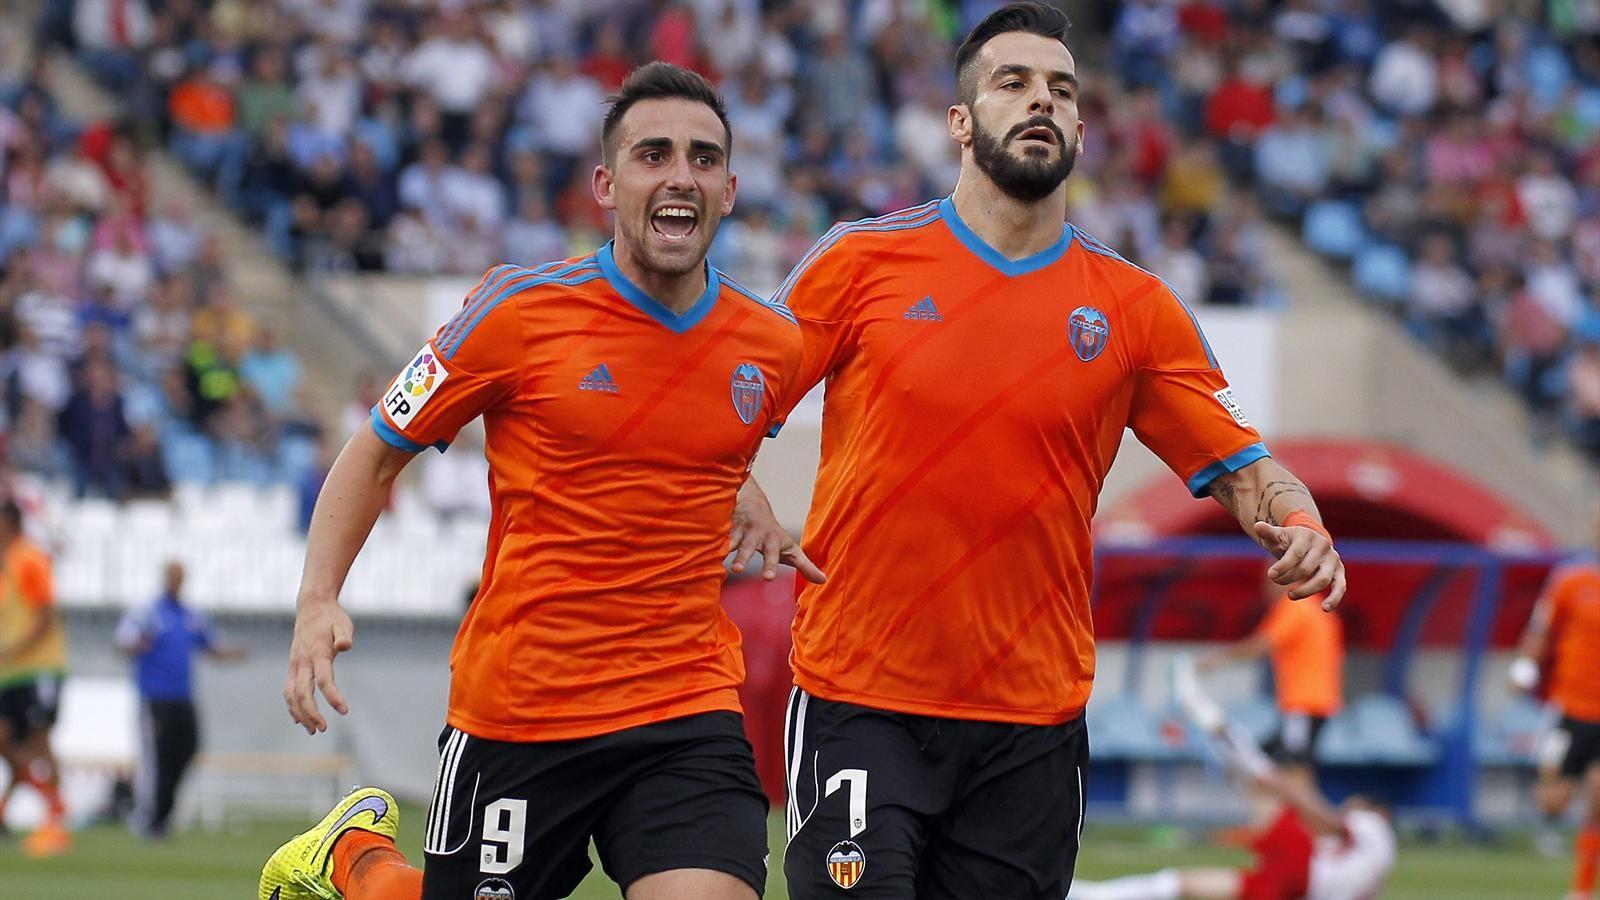 23.05.2015: UD Almería 2 - 3 Valencia CF